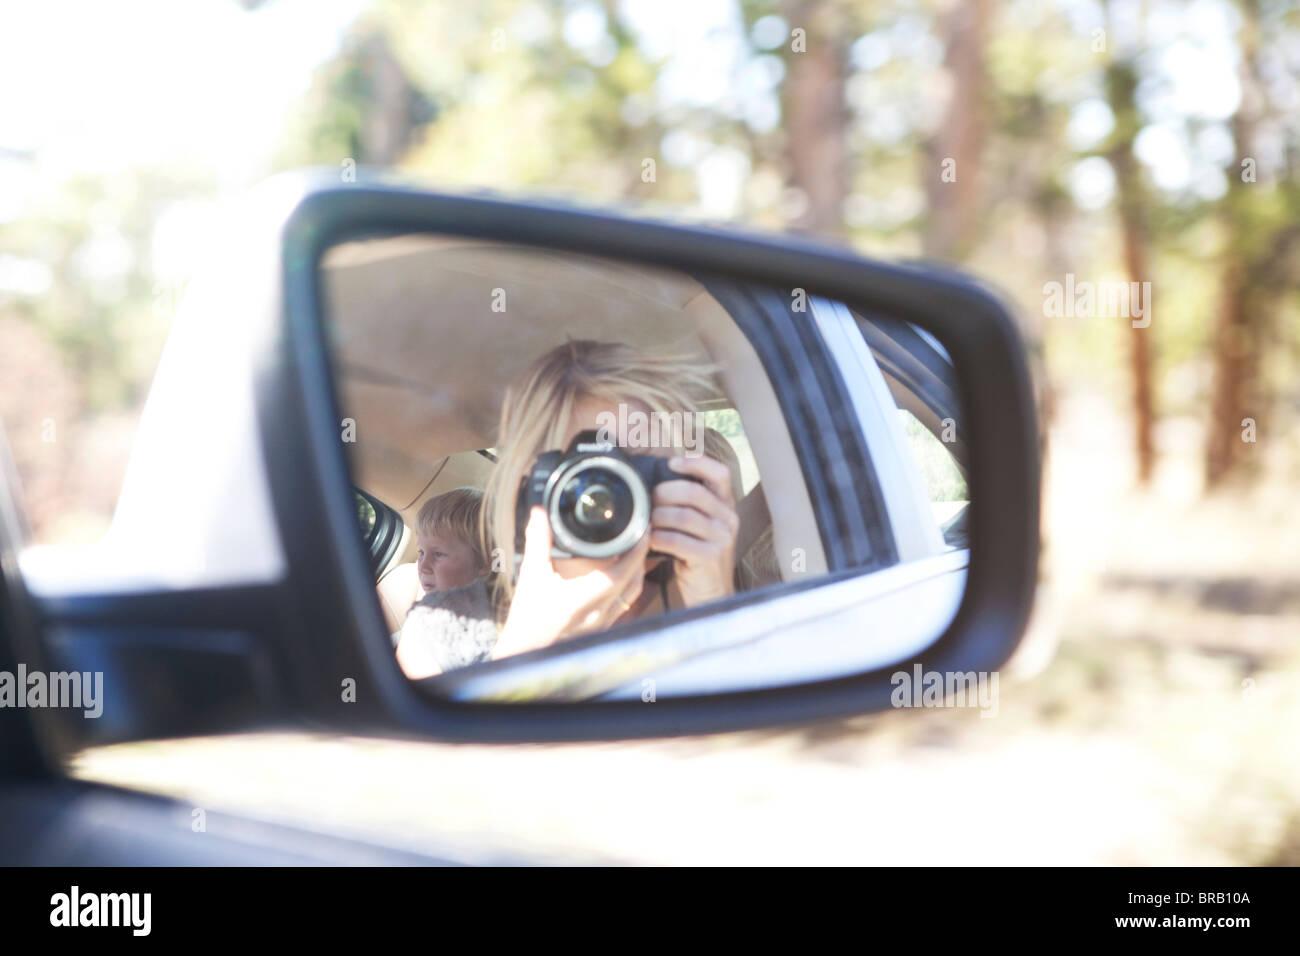 Mujer tomando fotos en el espejo lateral del coche Imagen De Stock